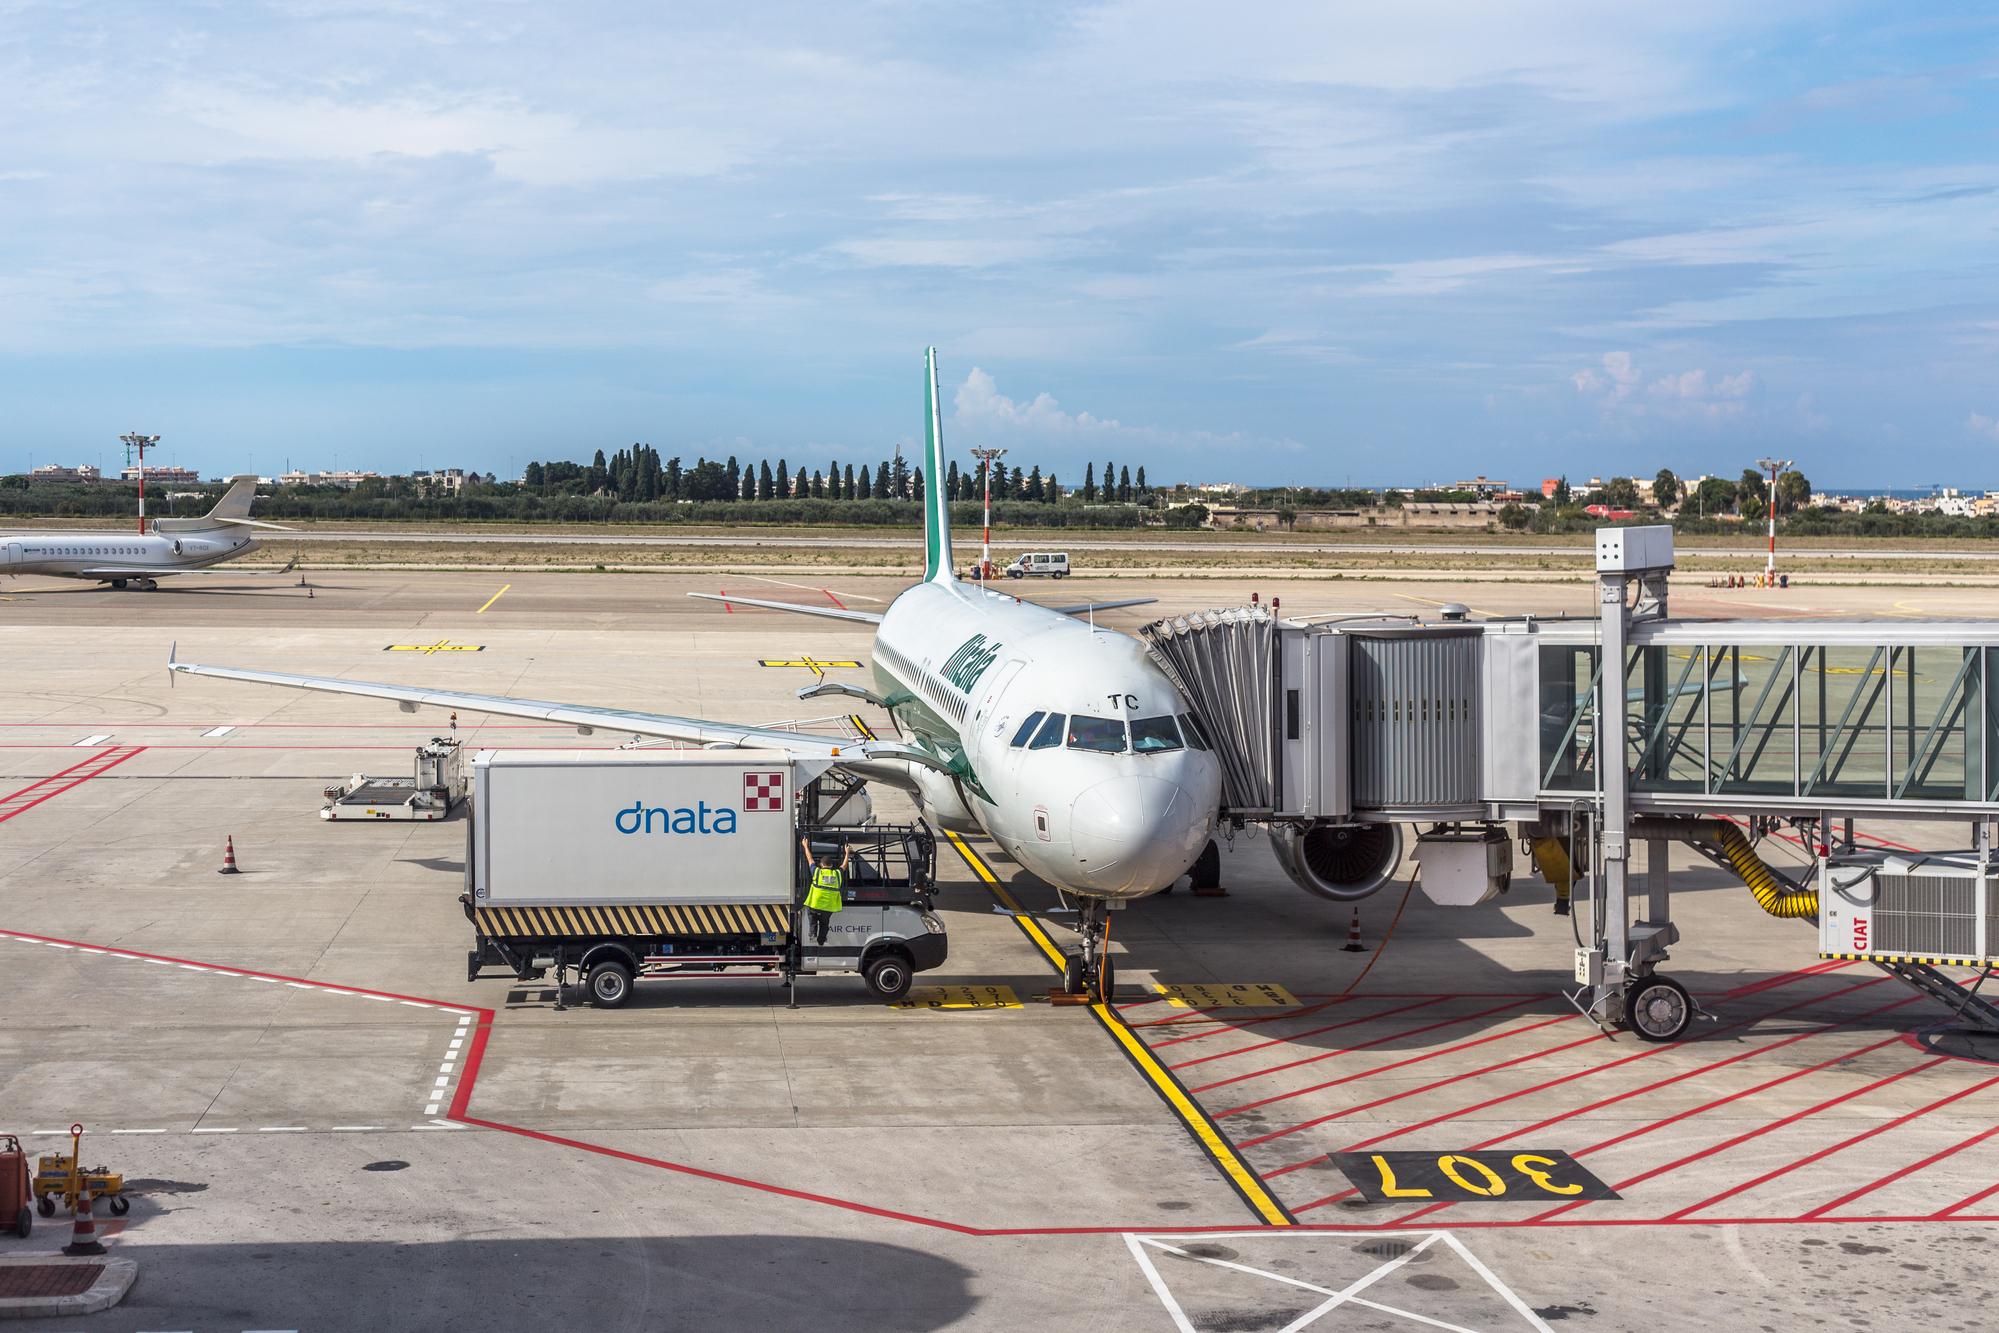 Une nouvelle ligne Alitalia Marseille-Rome  dès le 3 Juin 2021, avec 3 Fréquences hebdomadaires les lundis, jeudis, et dimanche /crédit DepositPhoto